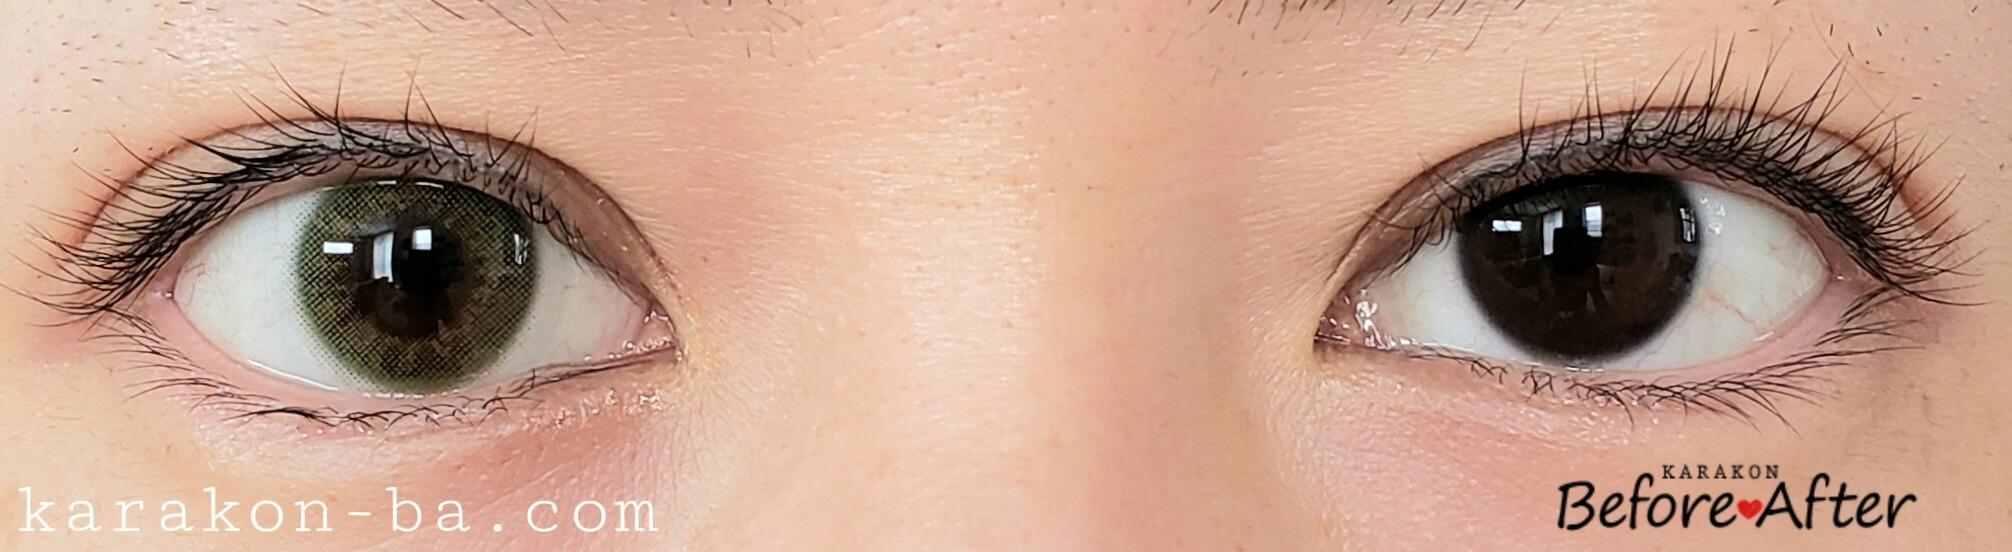 シャイグリーンのカラコン装着画像/裸眼と比較